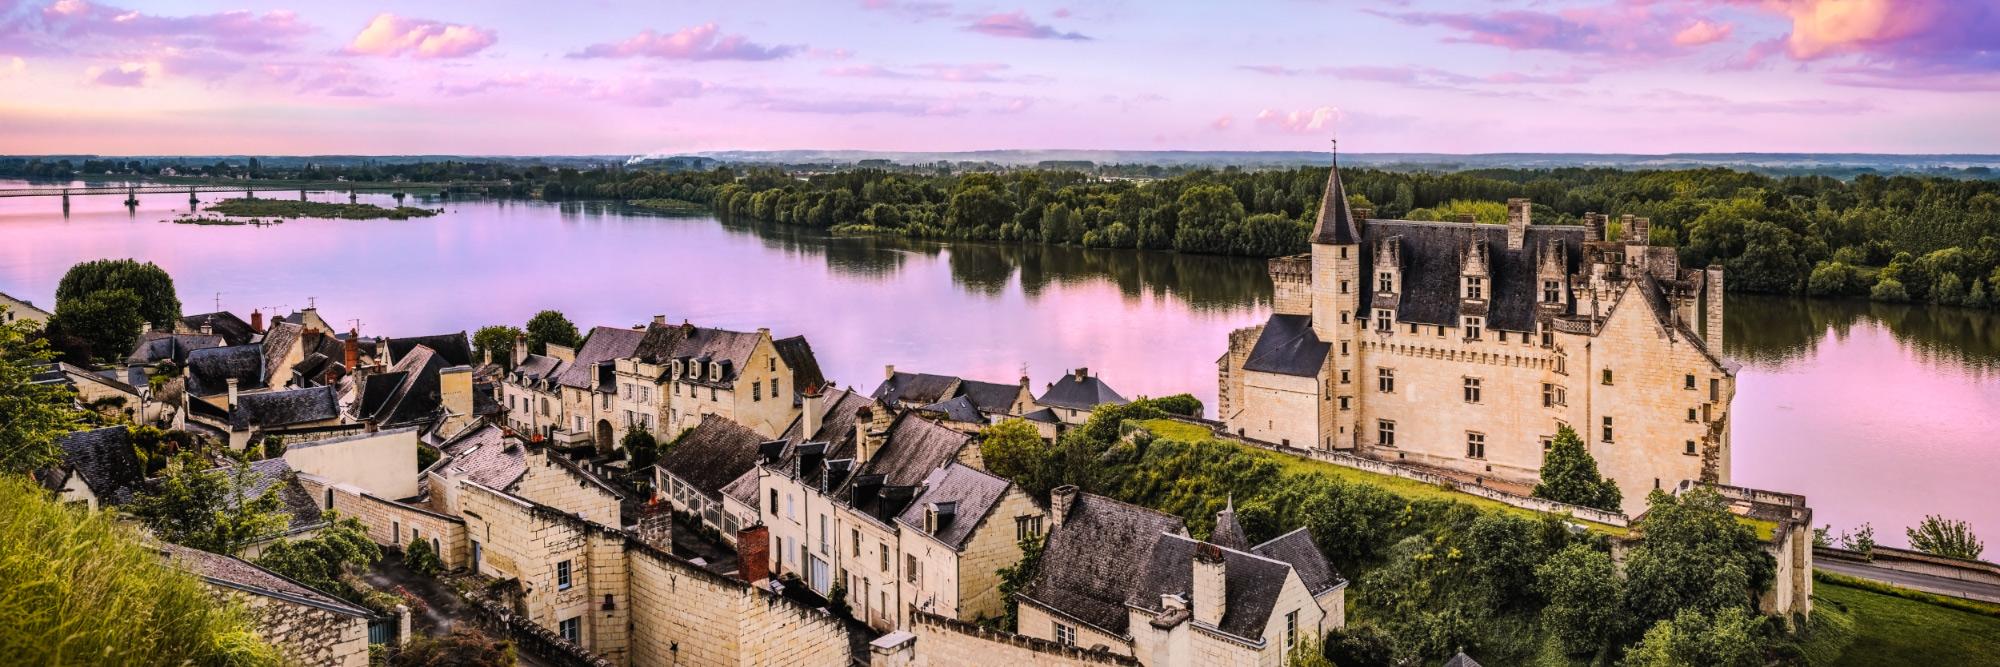 Château et village de Montsoreau dominant la Loire